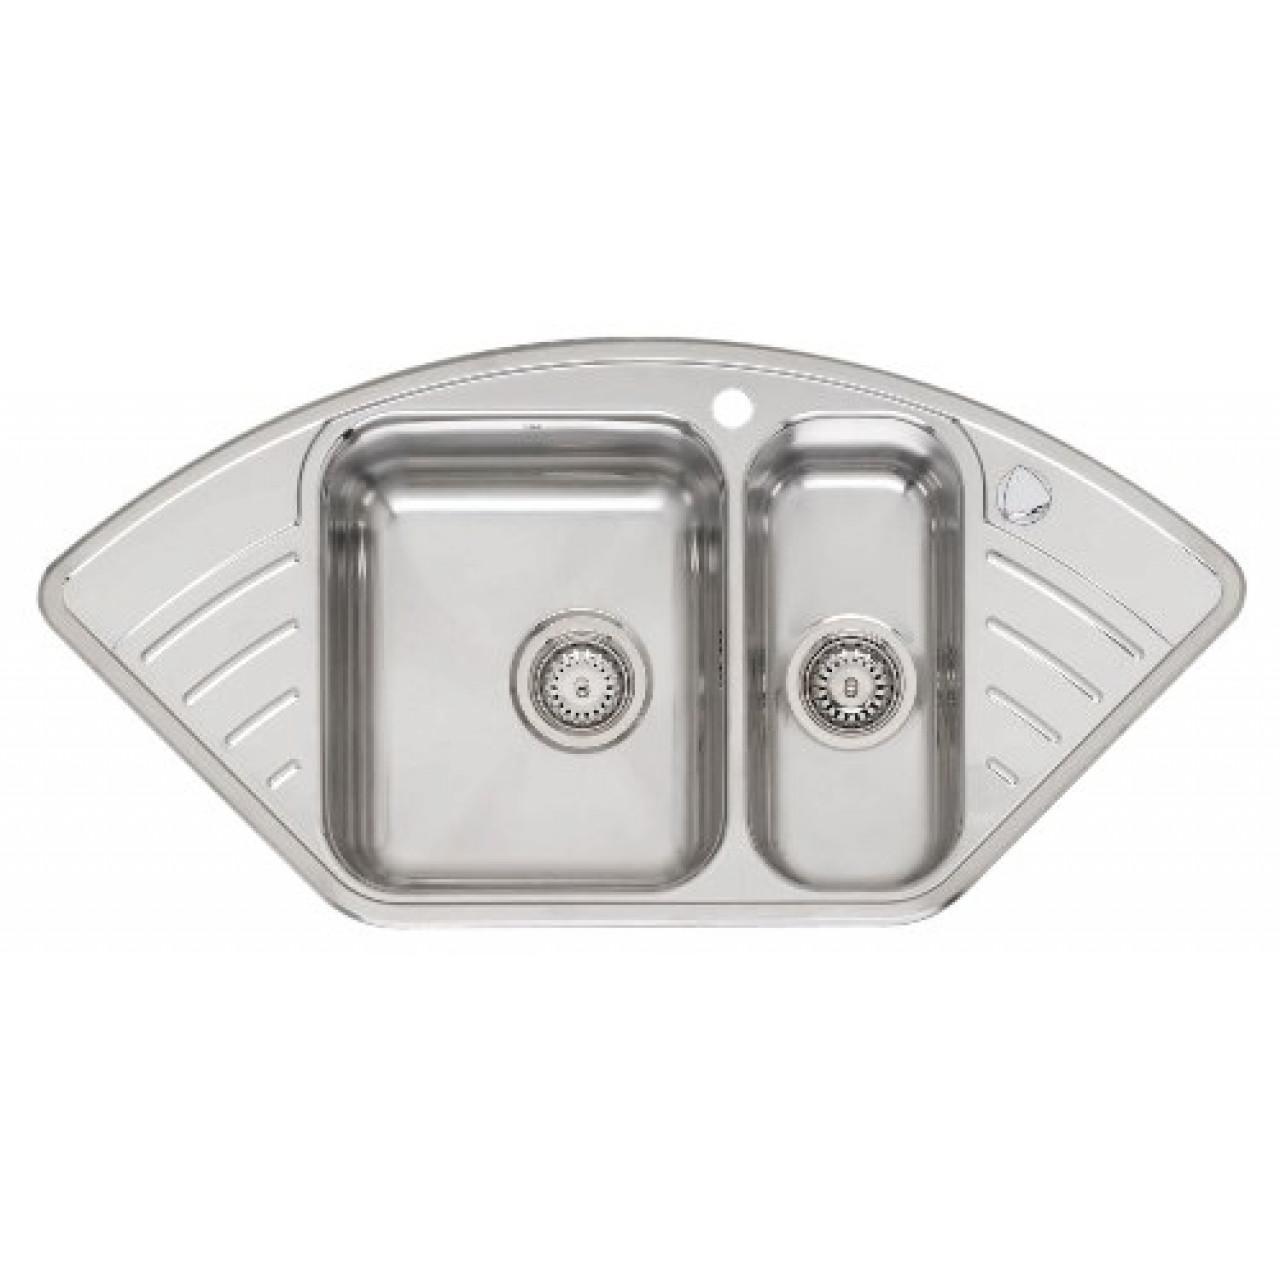 Кухонная мойка Reginox Empire L 15 LUX KGOKG Left/Right 41142/3721 купить в Москве по цене от 39000р. в интернет-магазине mebel-v-vannu.ru